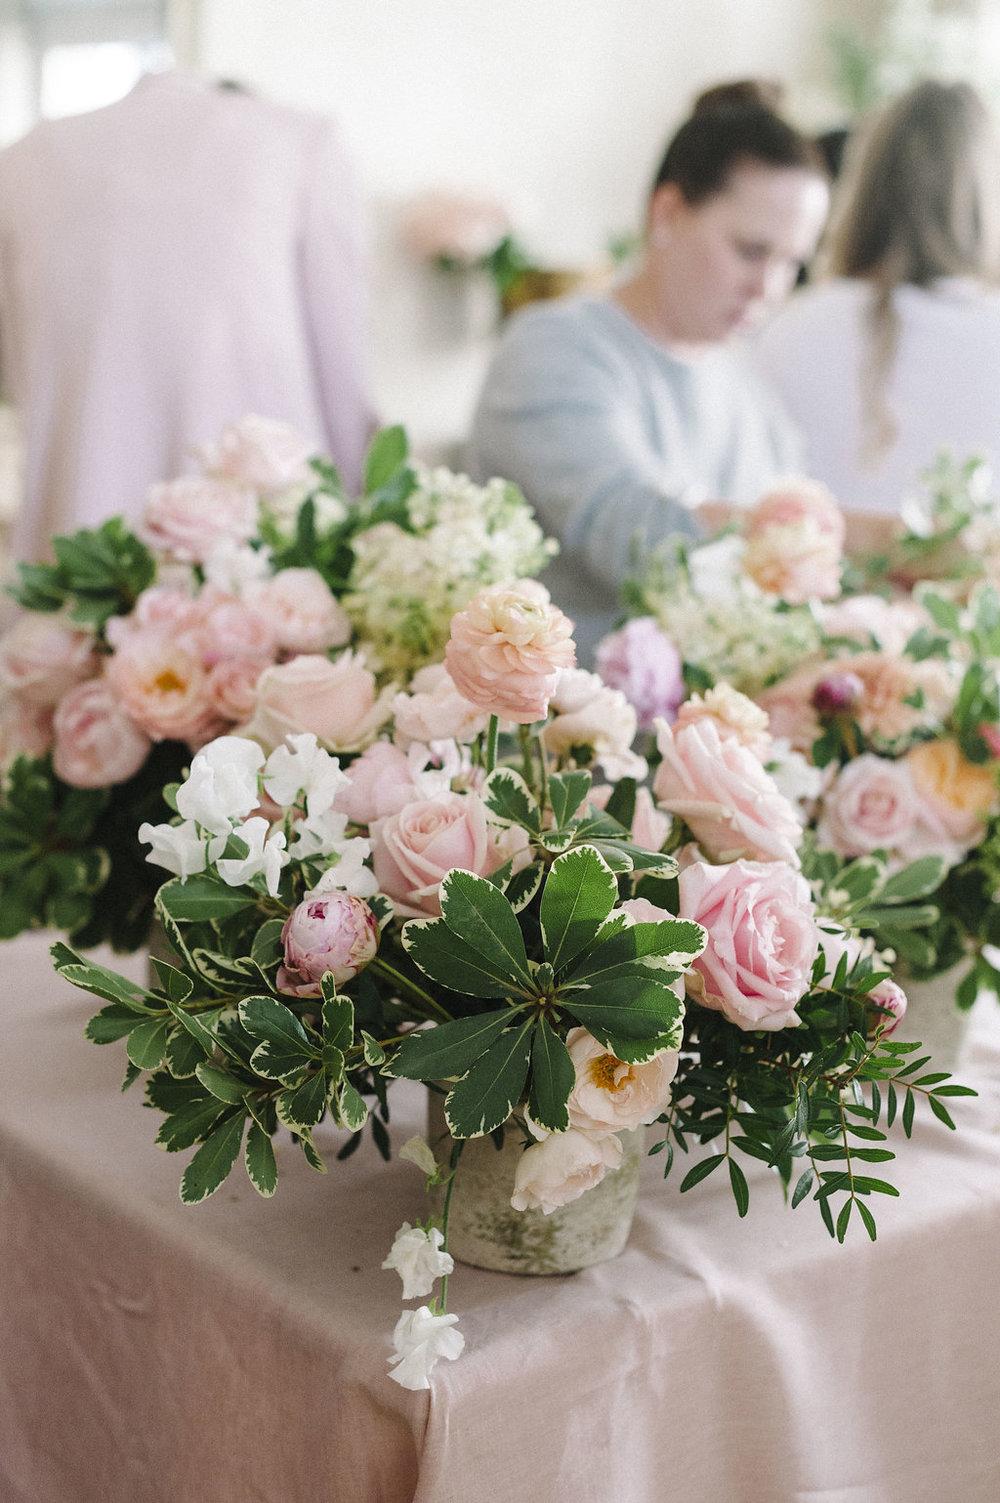 travellur_slow_travel_rendezvous_with_audrey_retreat_paris_flower_arranging_creative